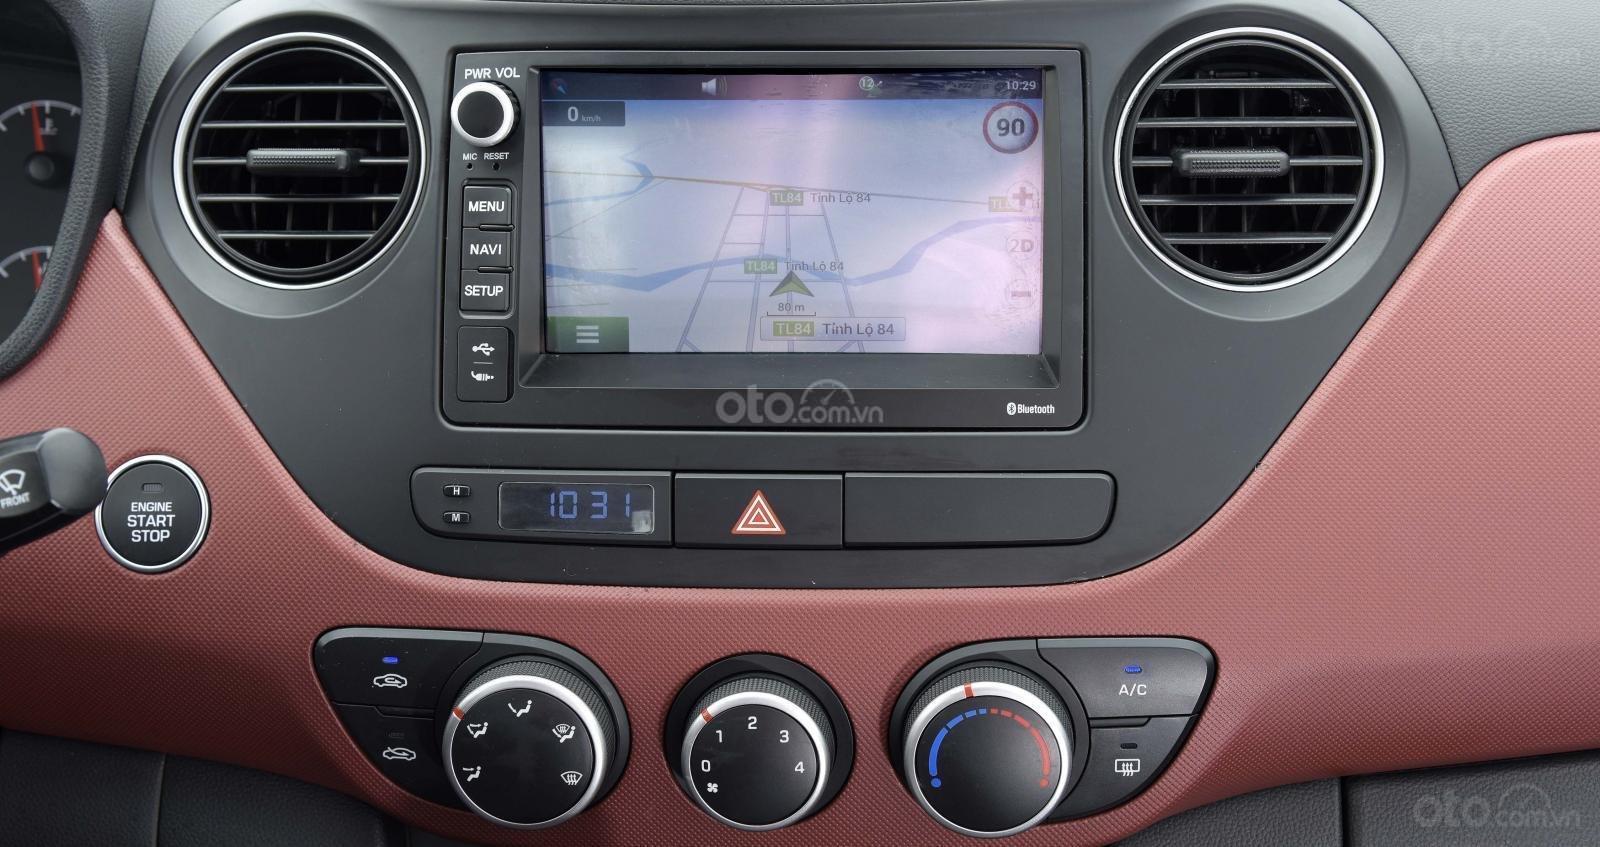 Hyundai Grand i10, khuyến mãi 10trieu. Đặc biệt riêng cho khách hàng khi mua xe chạy Grab LH: 09.387.383.06-6